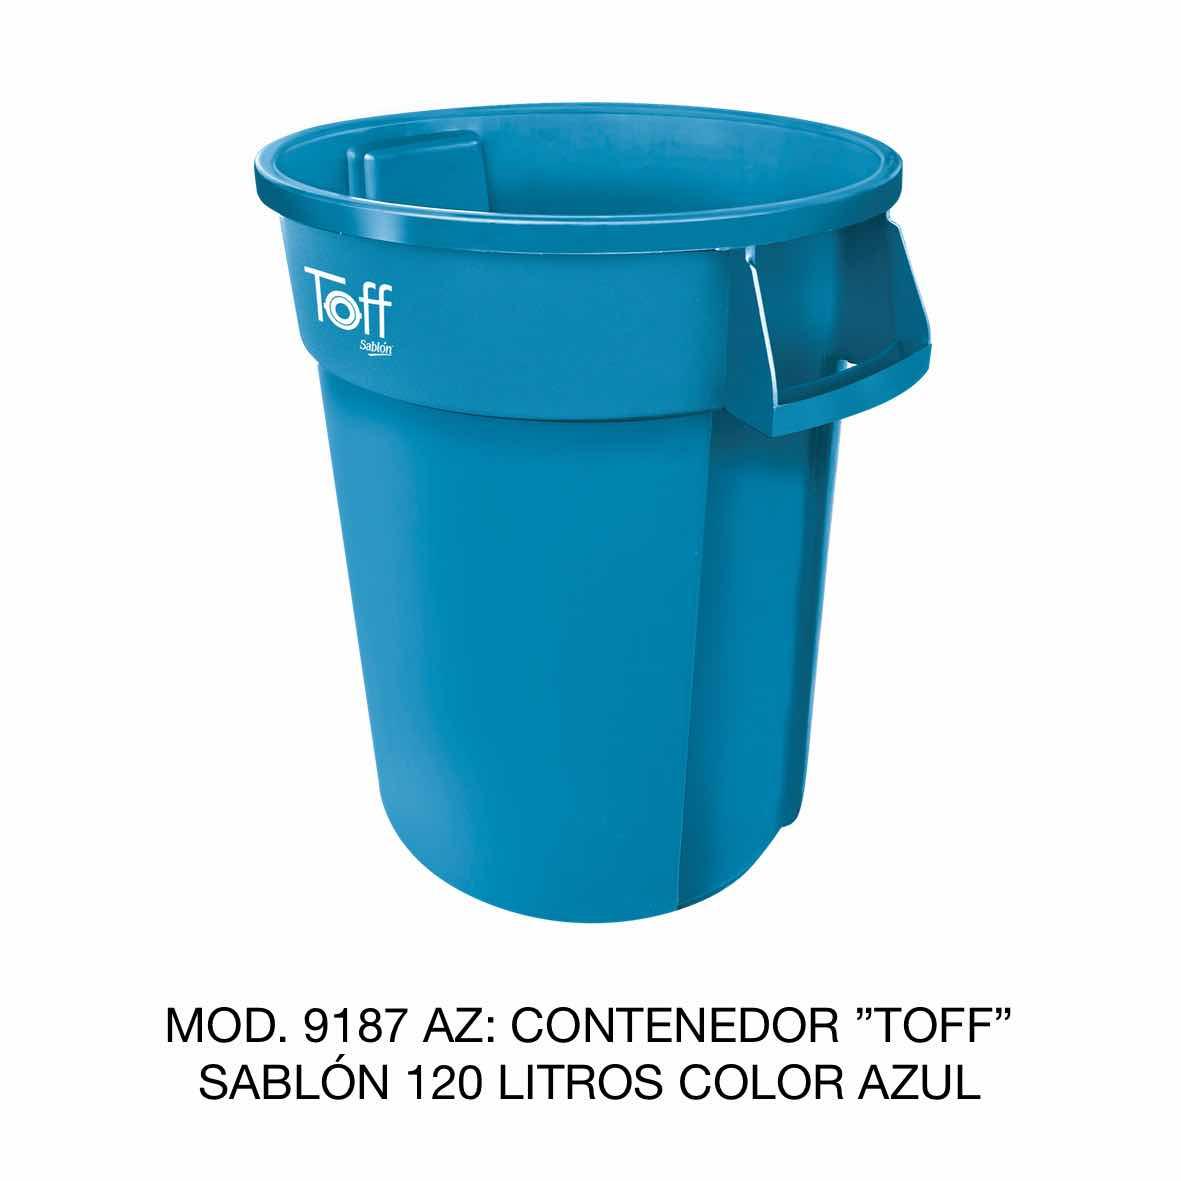 Contenedor de basura Sablón modelo TOFF de 120 litros Modelo 9187 AZ Color Azul